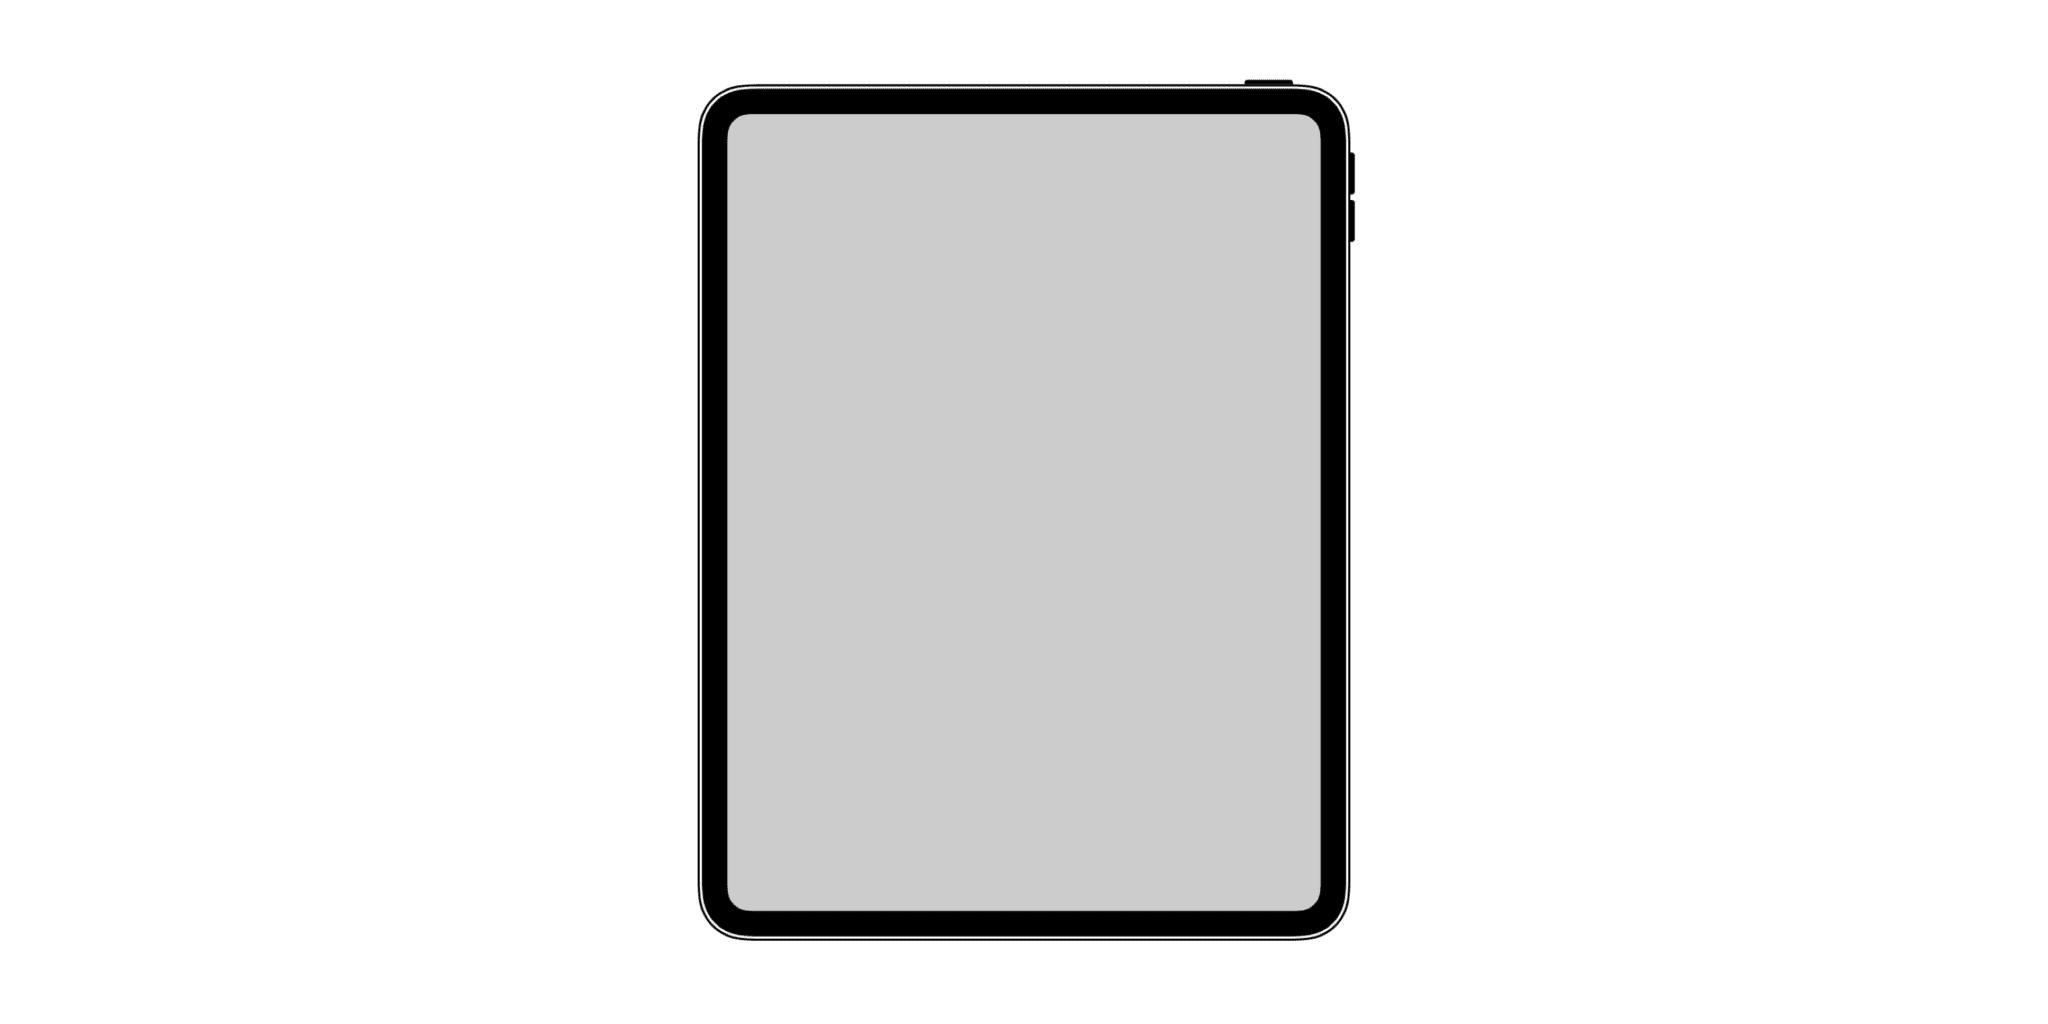 ipadpro2018 - V iOS 12 sa objavila ikonka nového iPadu Pro, takto bude vyzerať